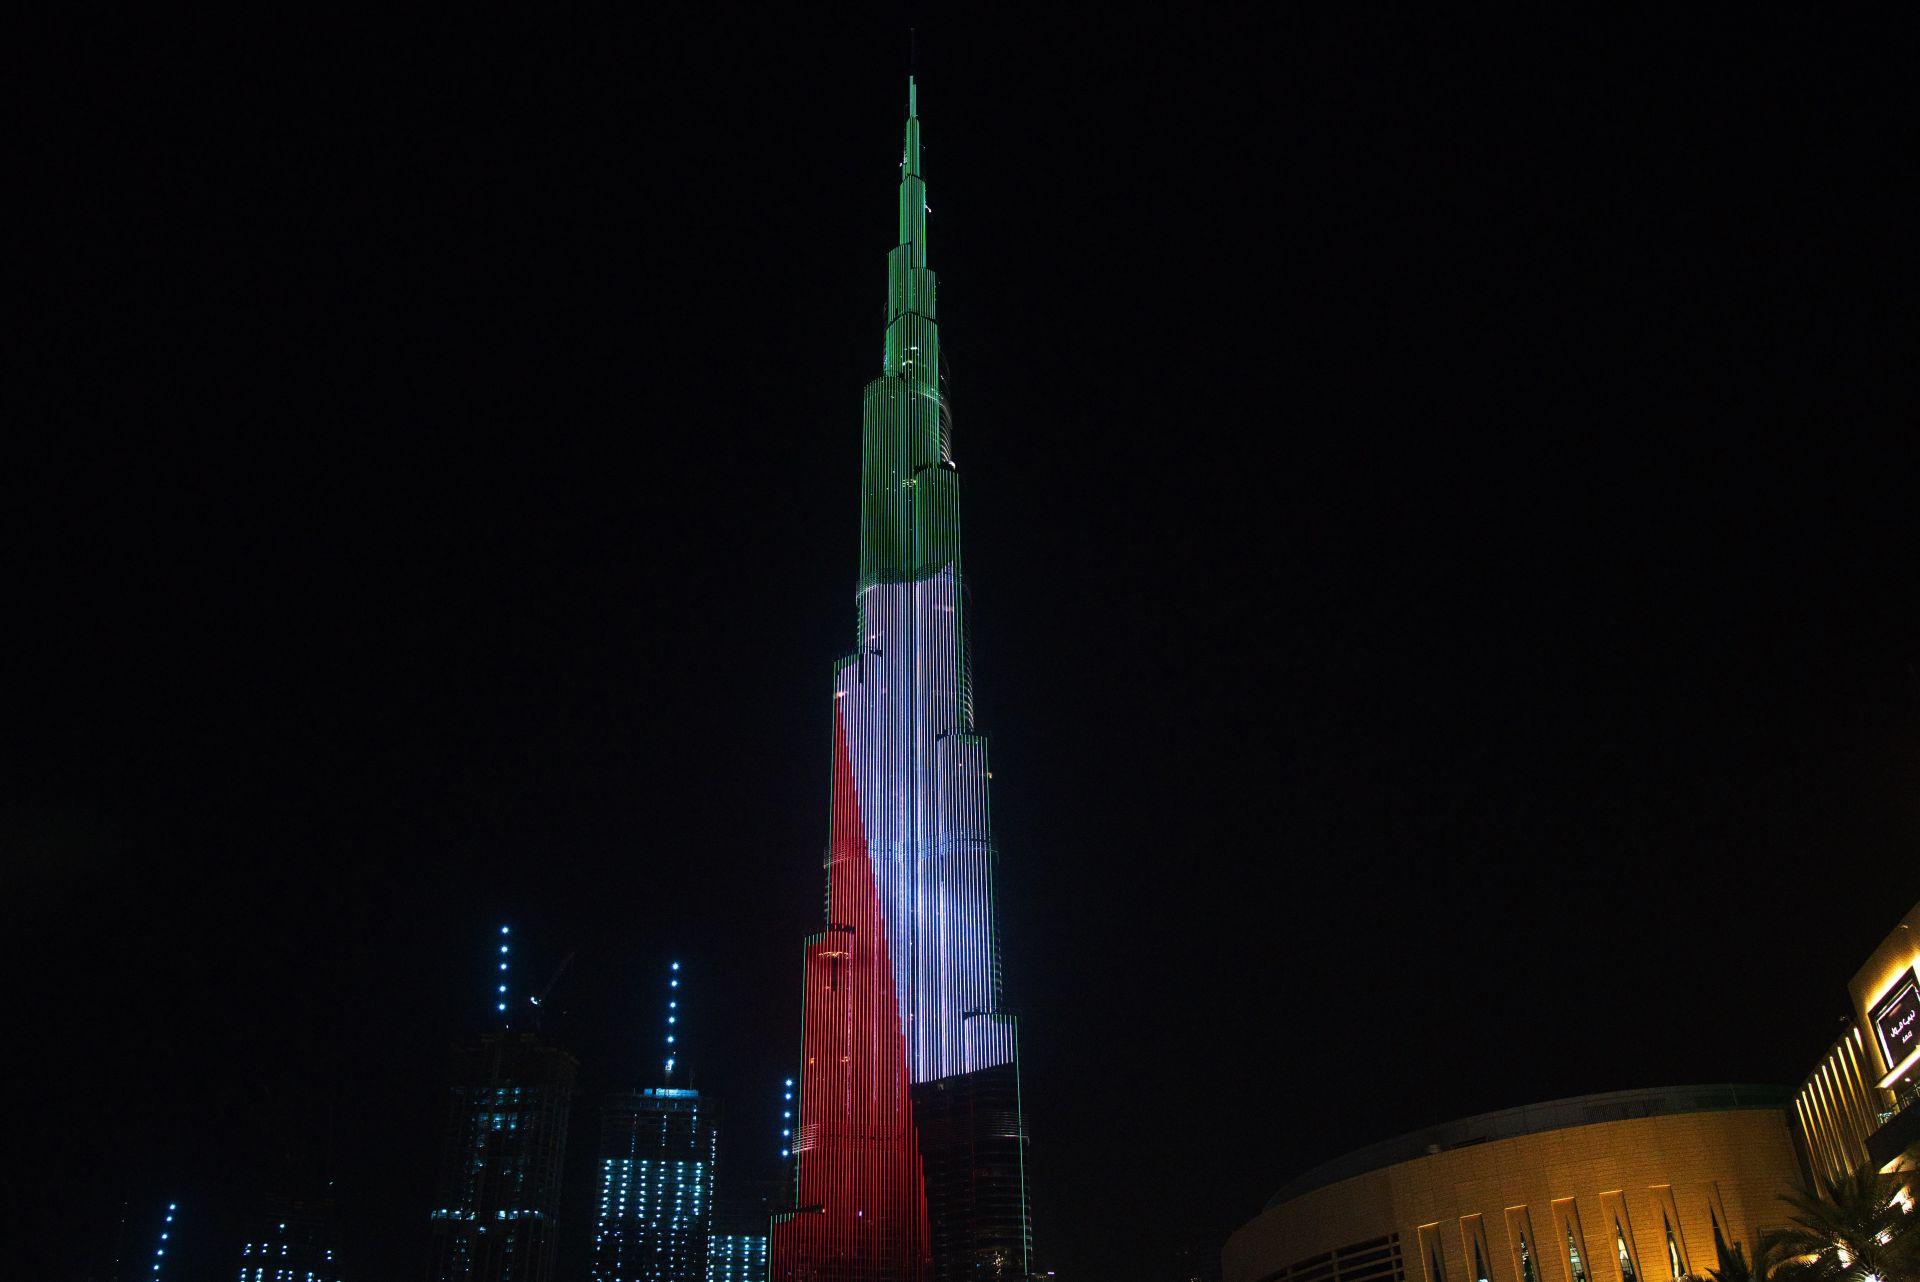 Кулата понякога свети и с цветовете на знамето на Обединените арабски емирства